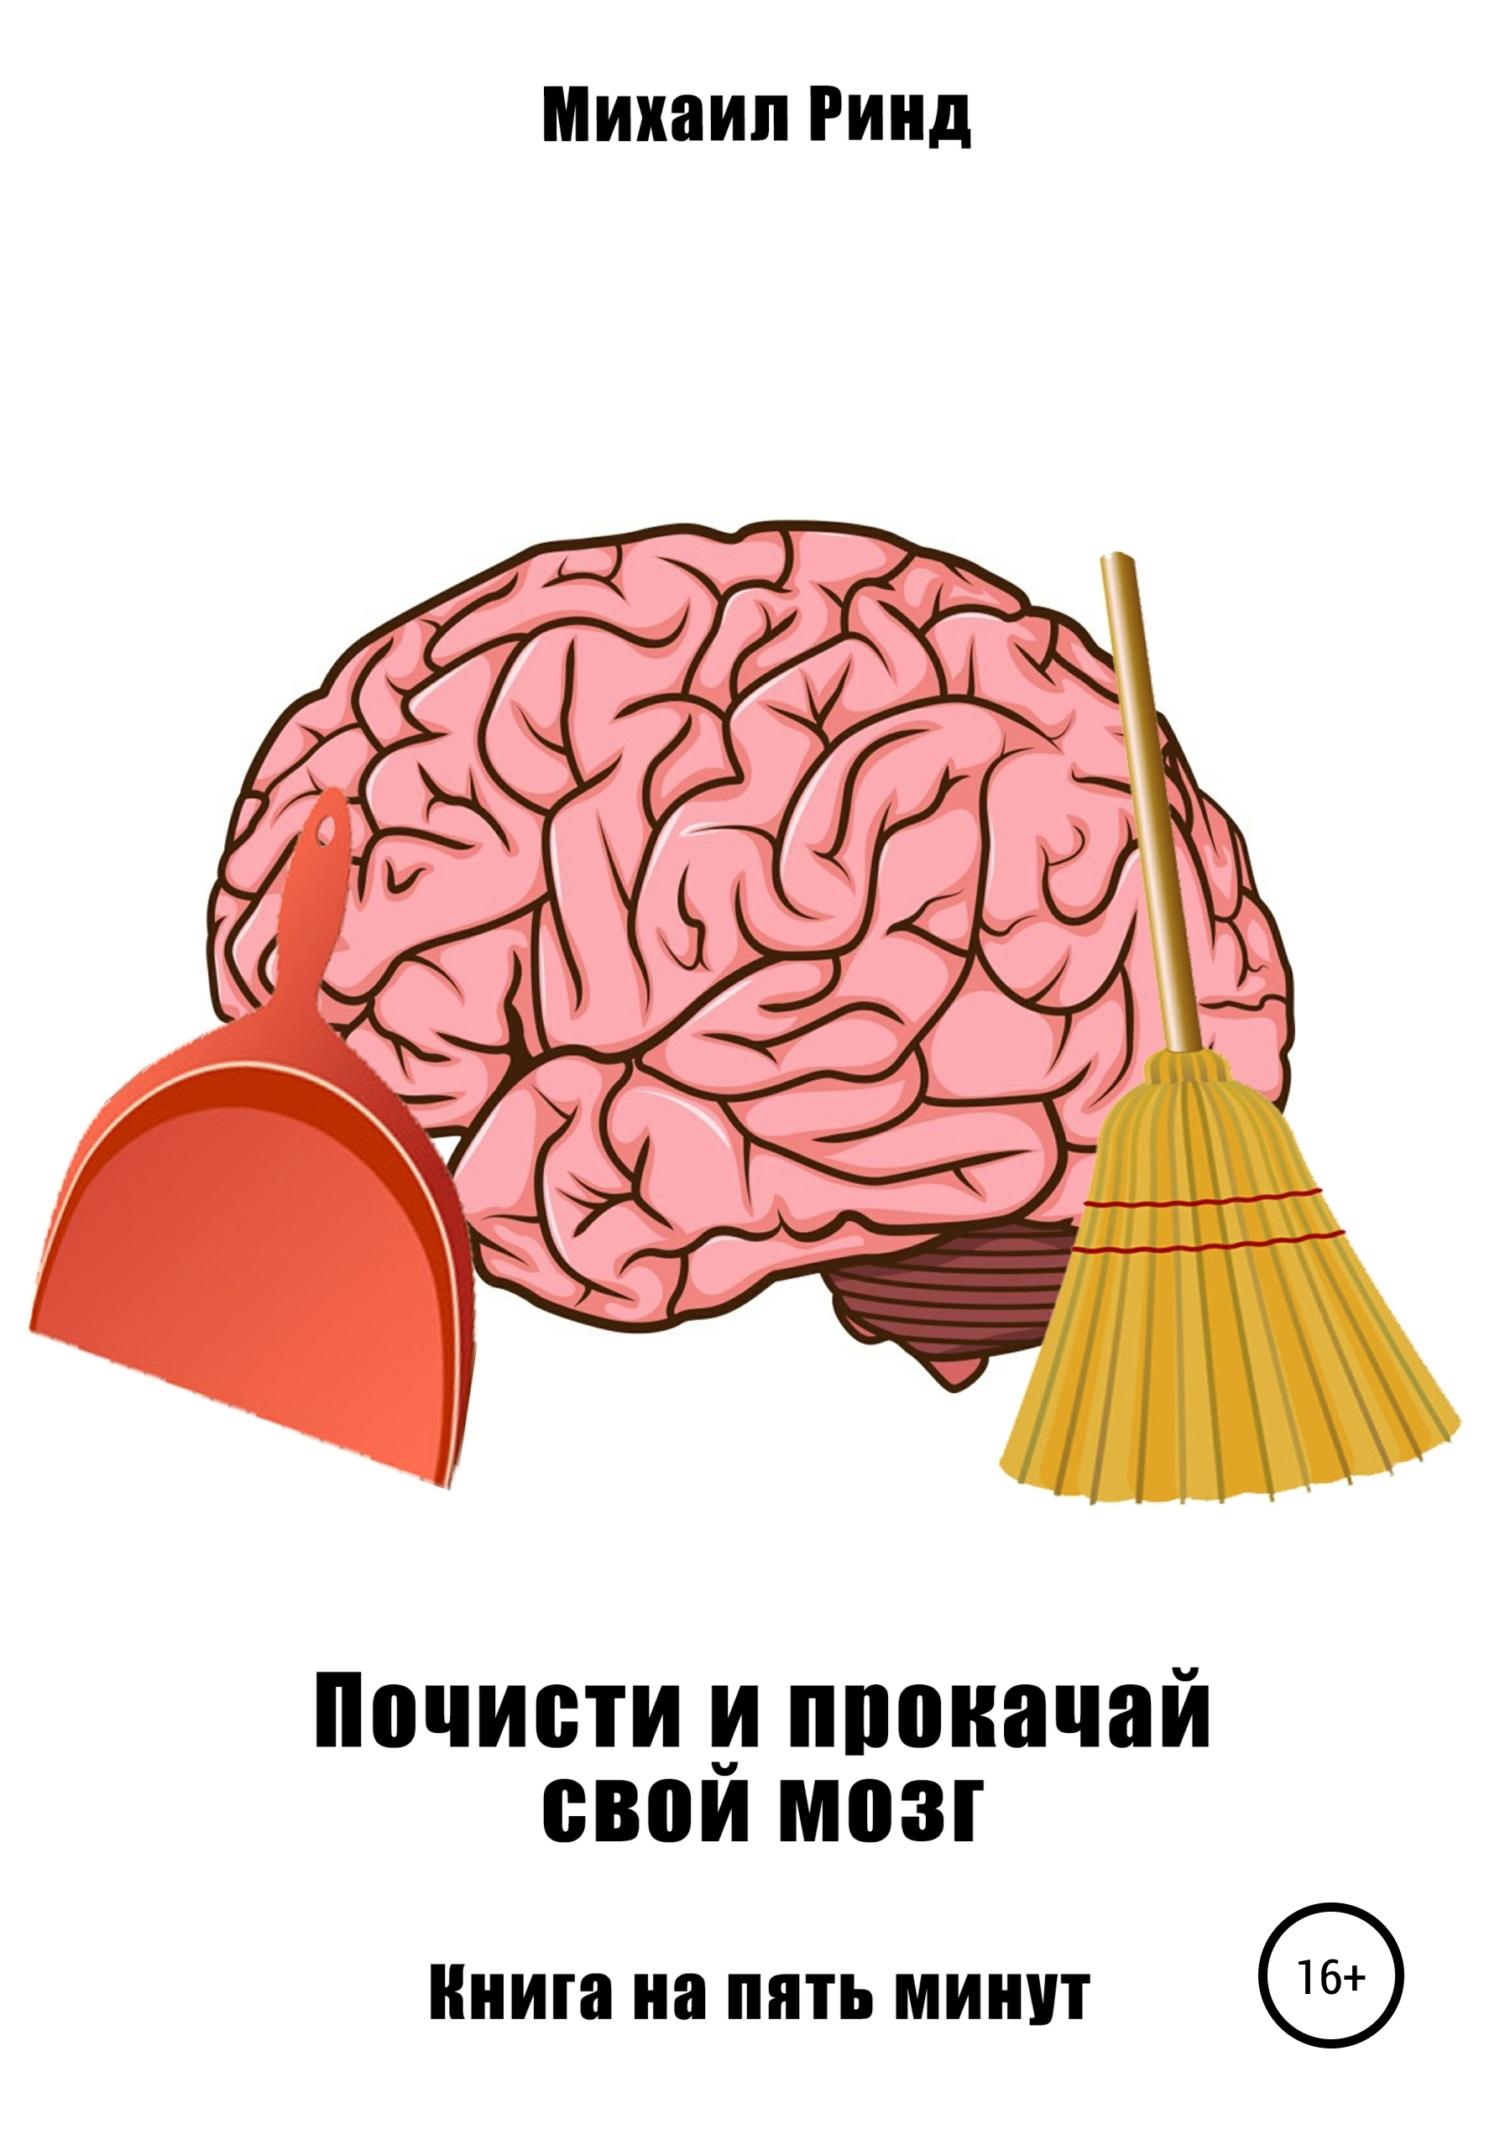 Почисти и прокачай свой мозг